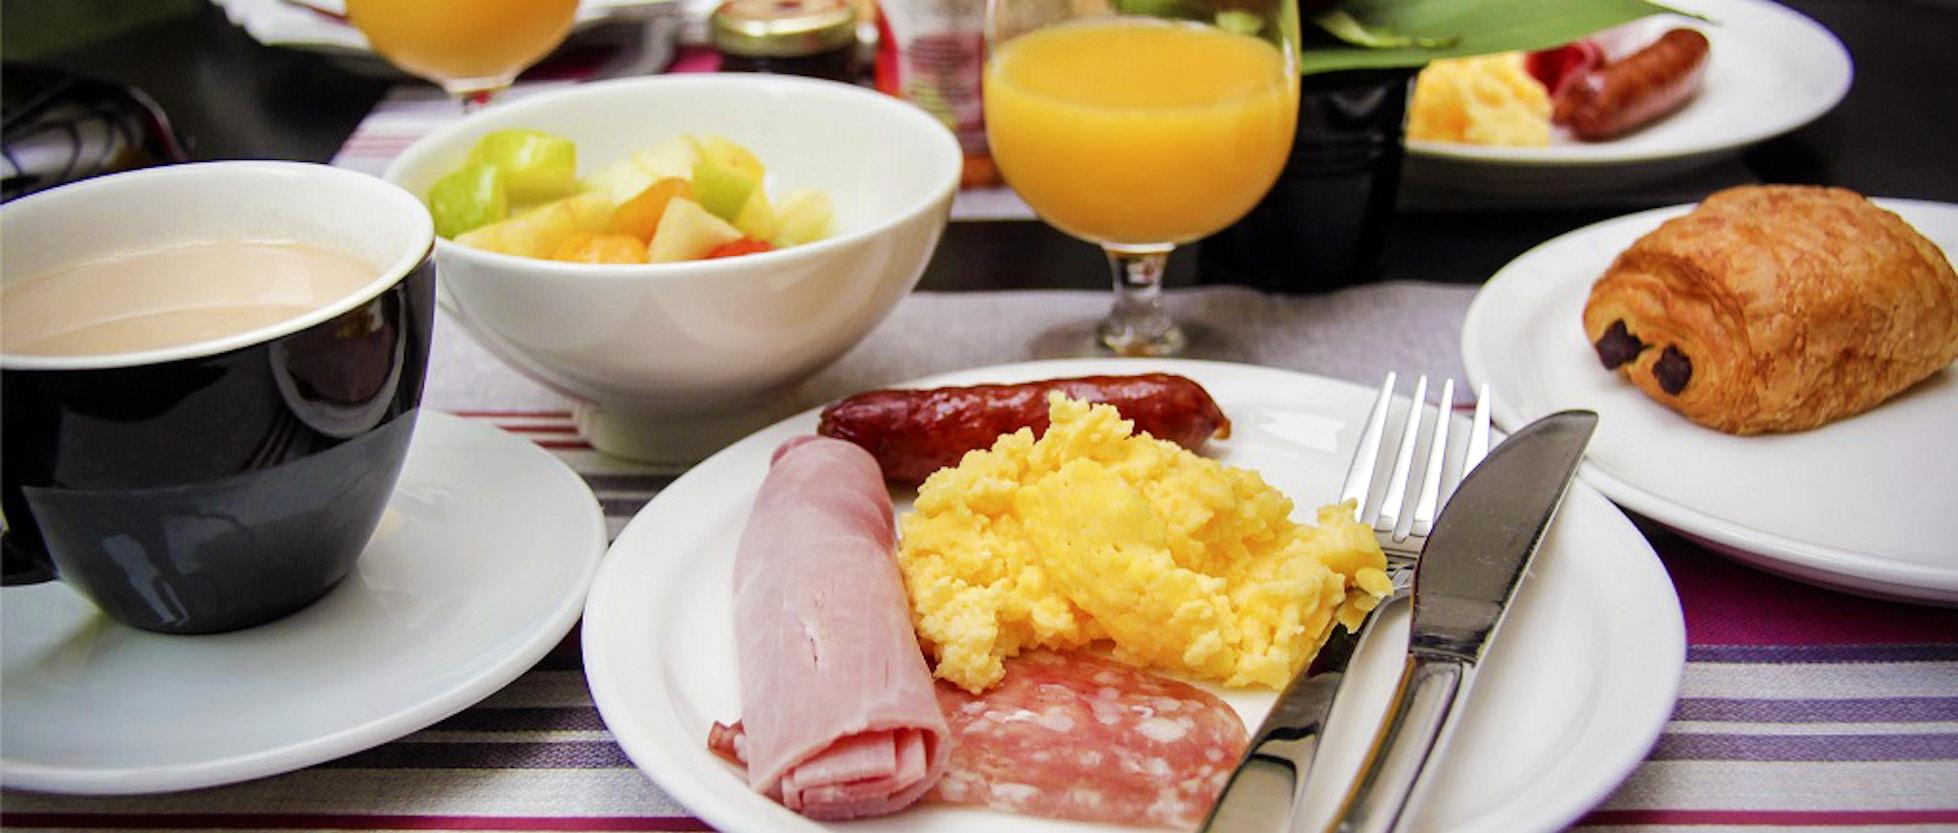 Dove fare colazione a parigi vivi parigi for Colazione parigi